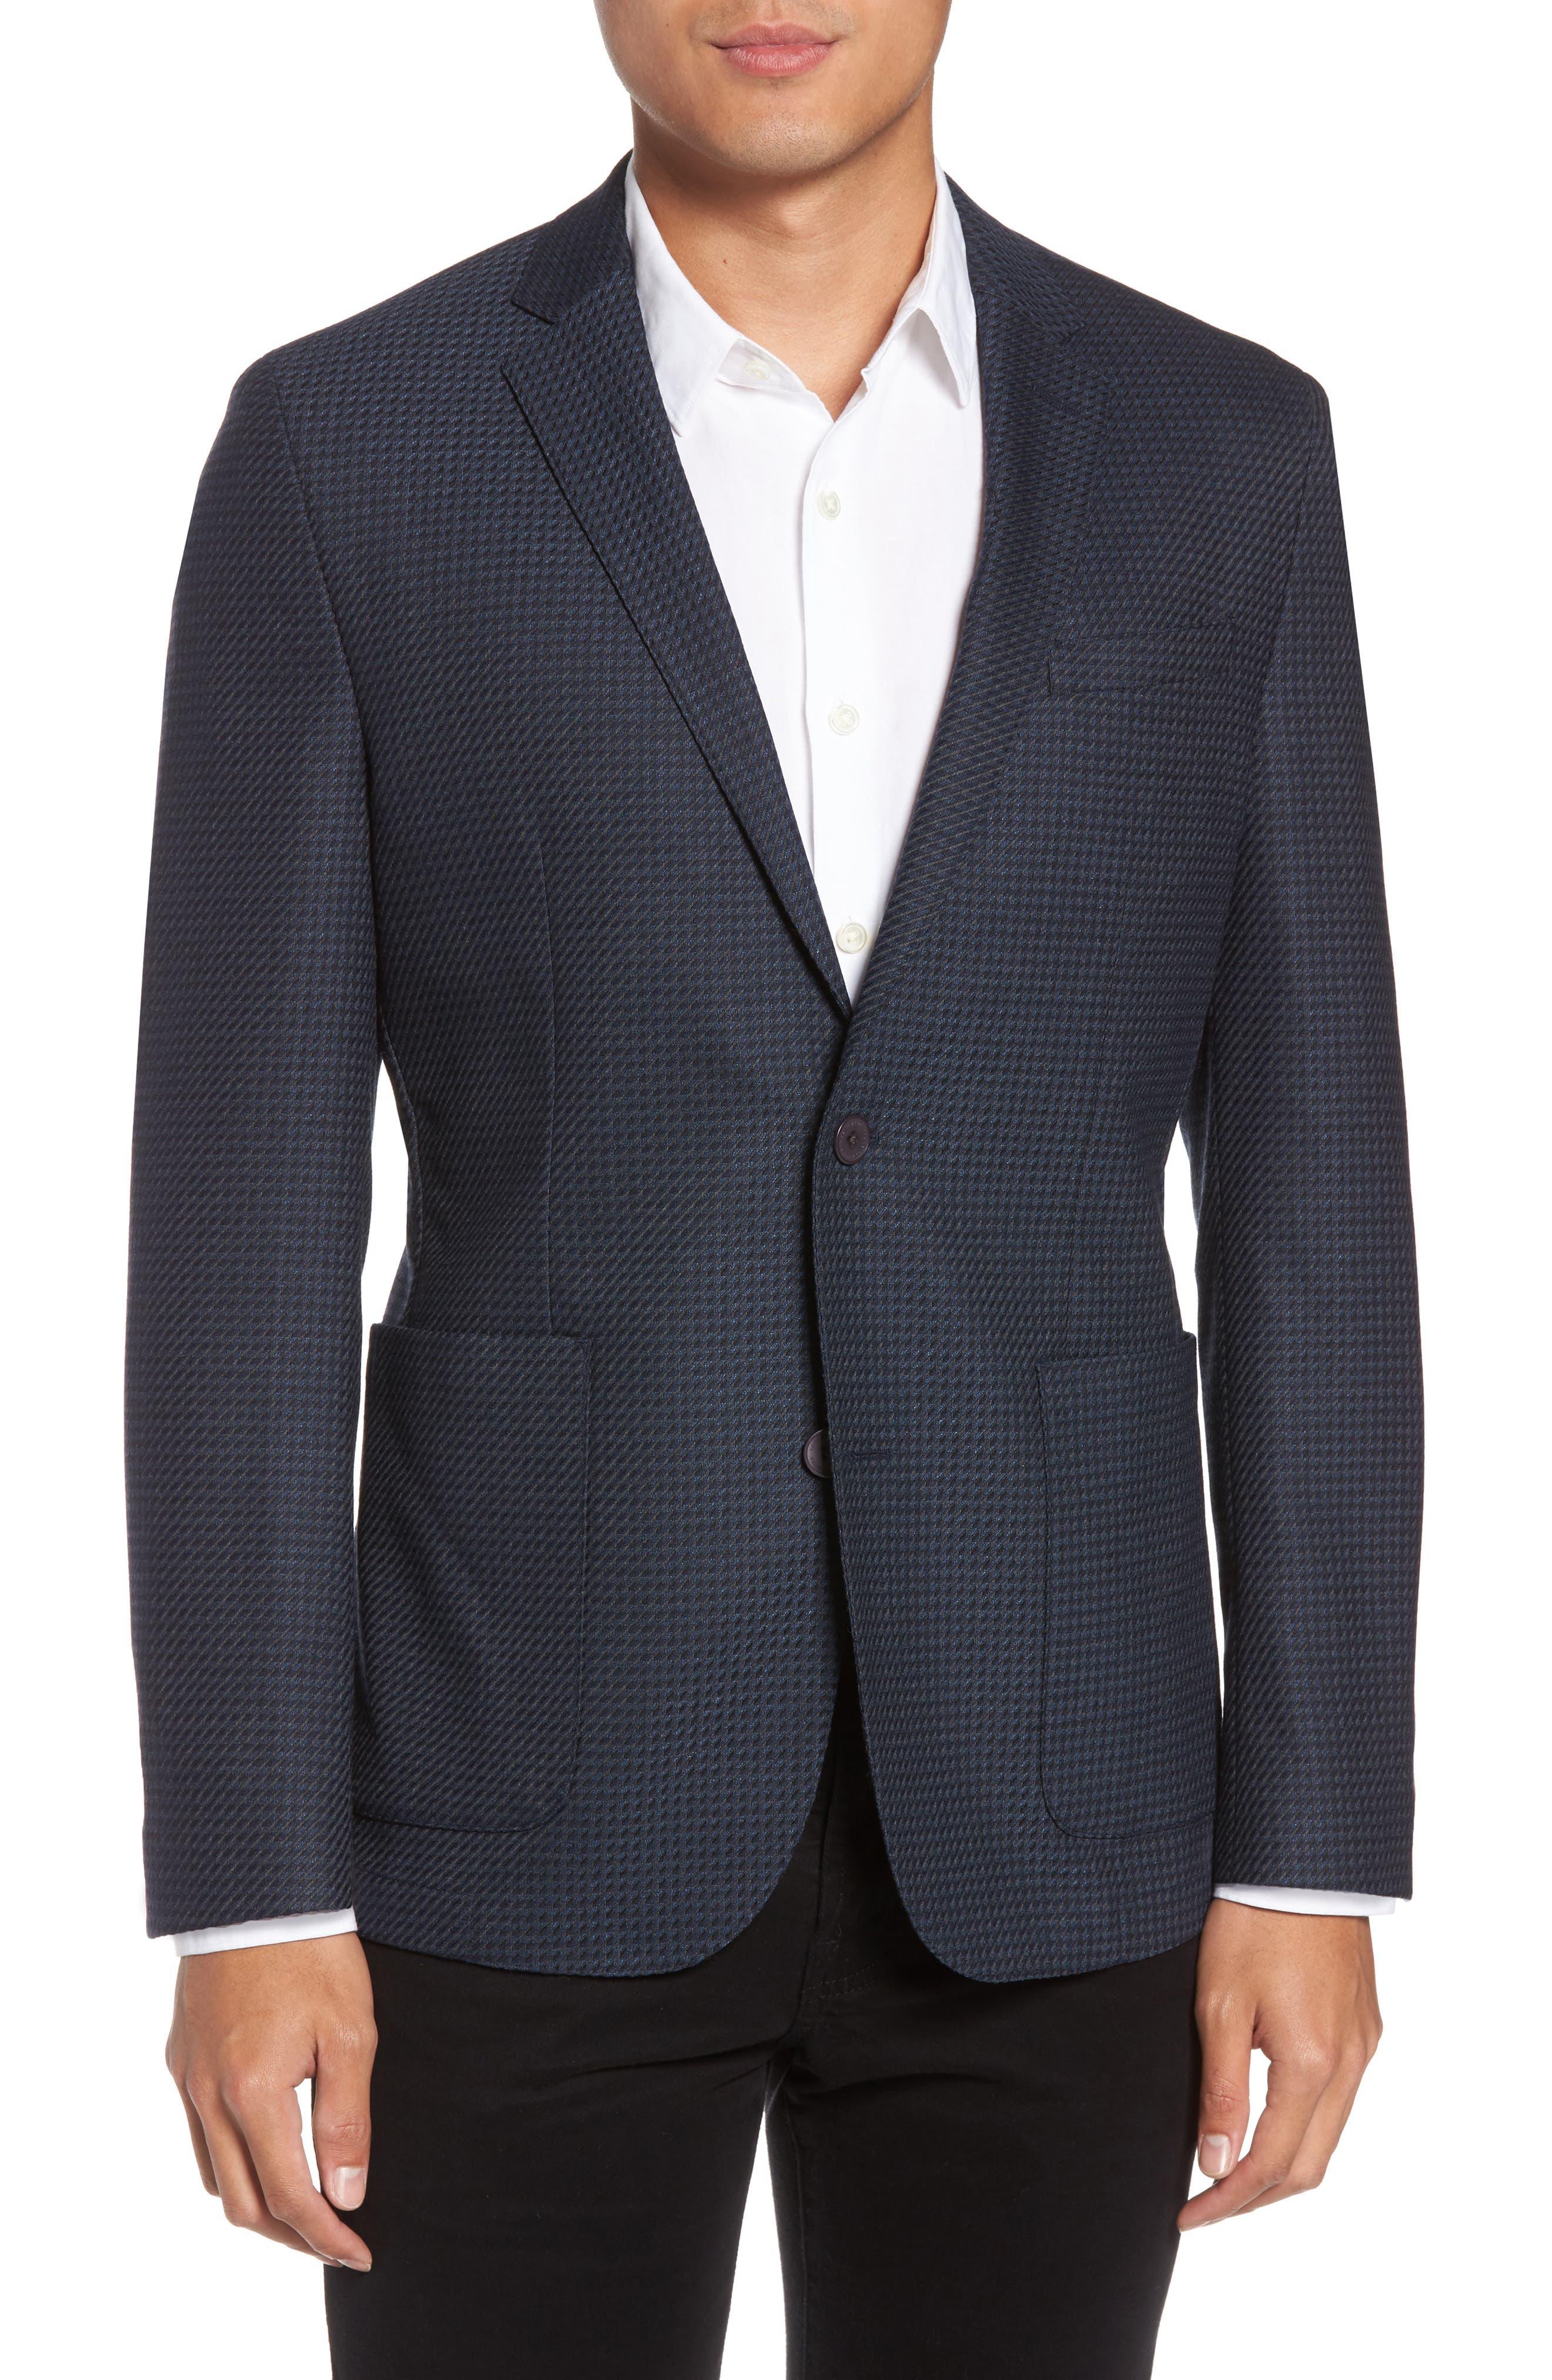 Alternate Image 1 Selected - Vince Camuto Digital Houndstooth Wool Blend Sport Coat